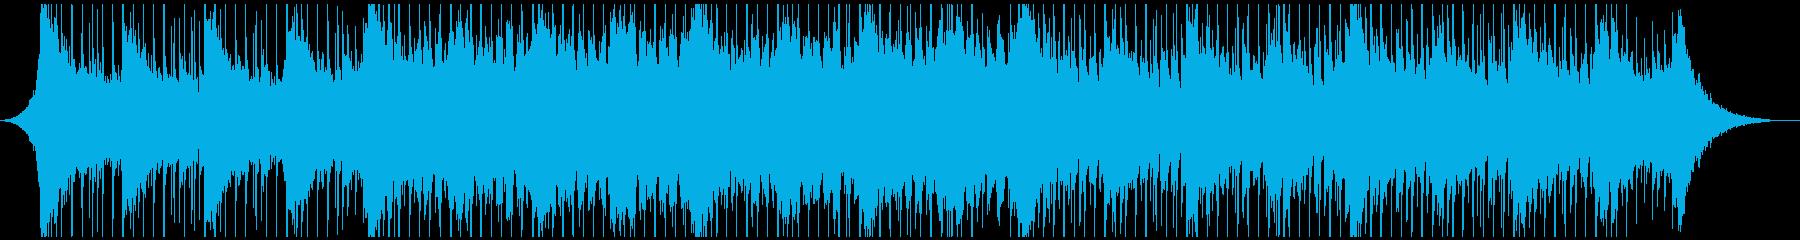 コーポレート ほのぼの 幸せ 可愛...の再生済みの波形